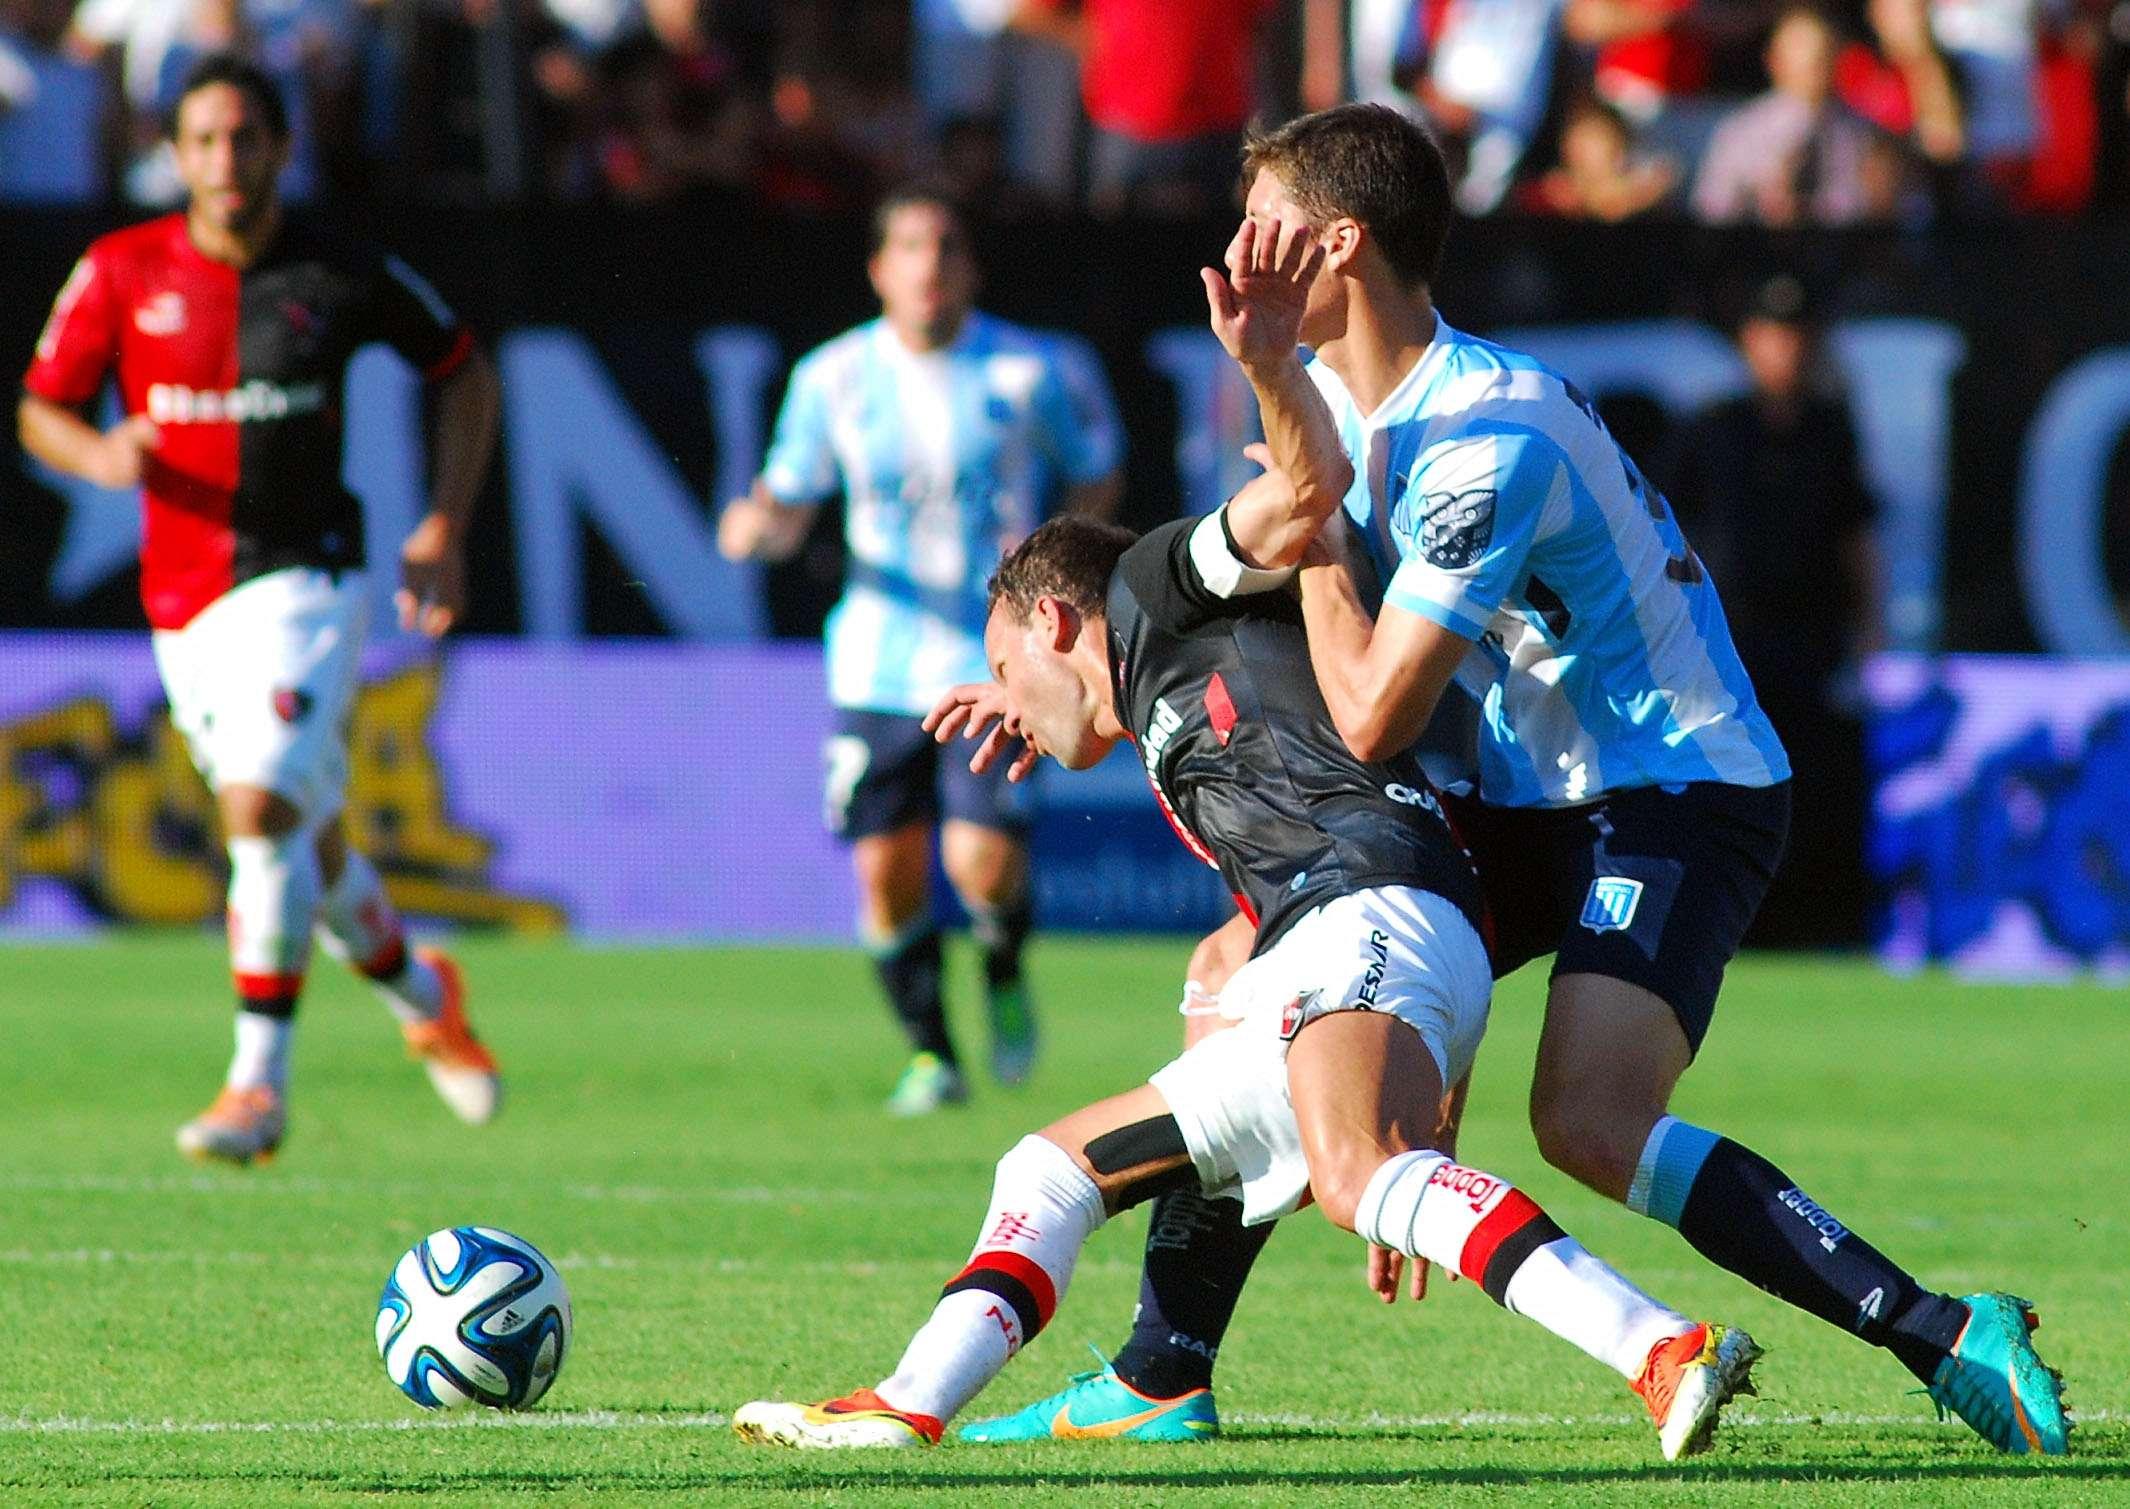 Una nueva caída para Racing, esta vez fue contra Newell's en Rosario. El equipo de Mostaza Merlo cayó por 2-0 y su situación con el descenso comienza a ser preocupante. Ponce (de solo 16 años) y Trezeguet marcaron para la Lepra. Foto: Fotobaires